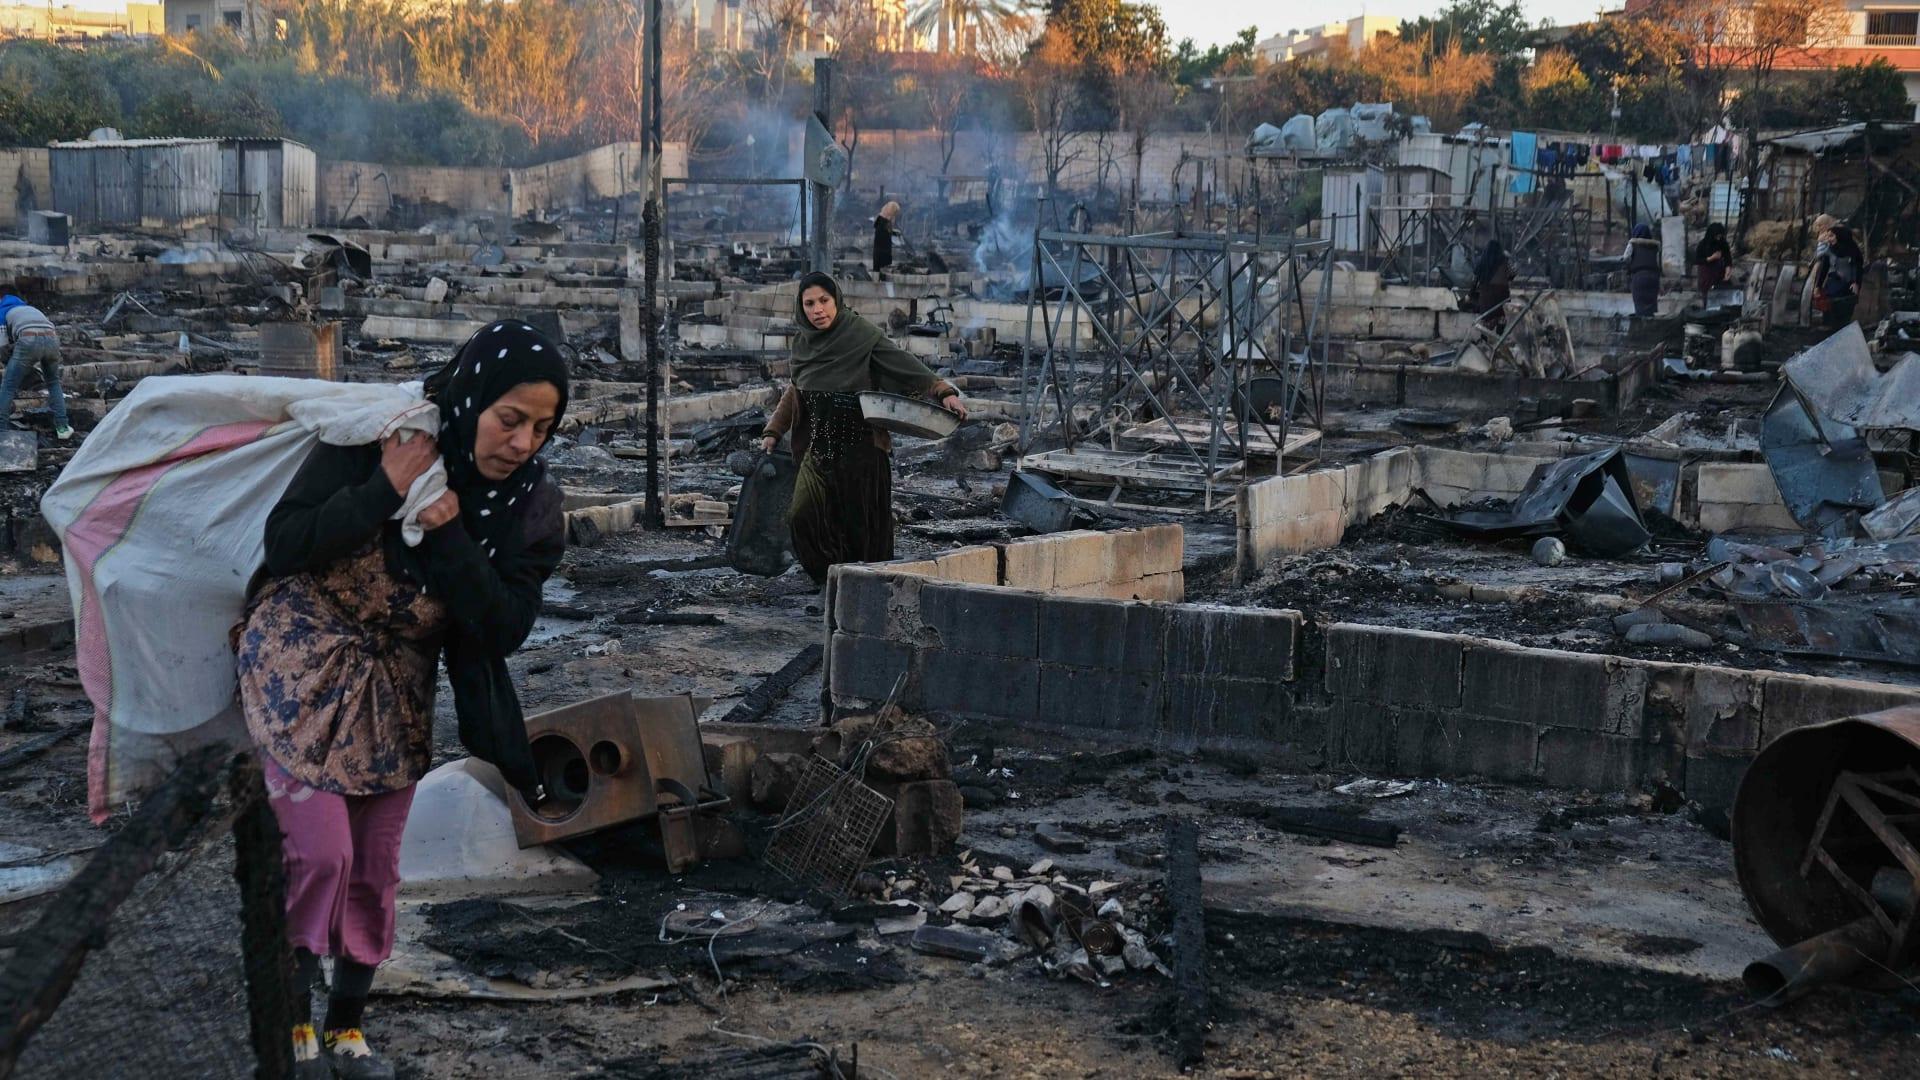 """بسبب """"إشكال فردي"""".. جناة يقدمون على حرق خيم للاجئين السوريين في لبنان"""